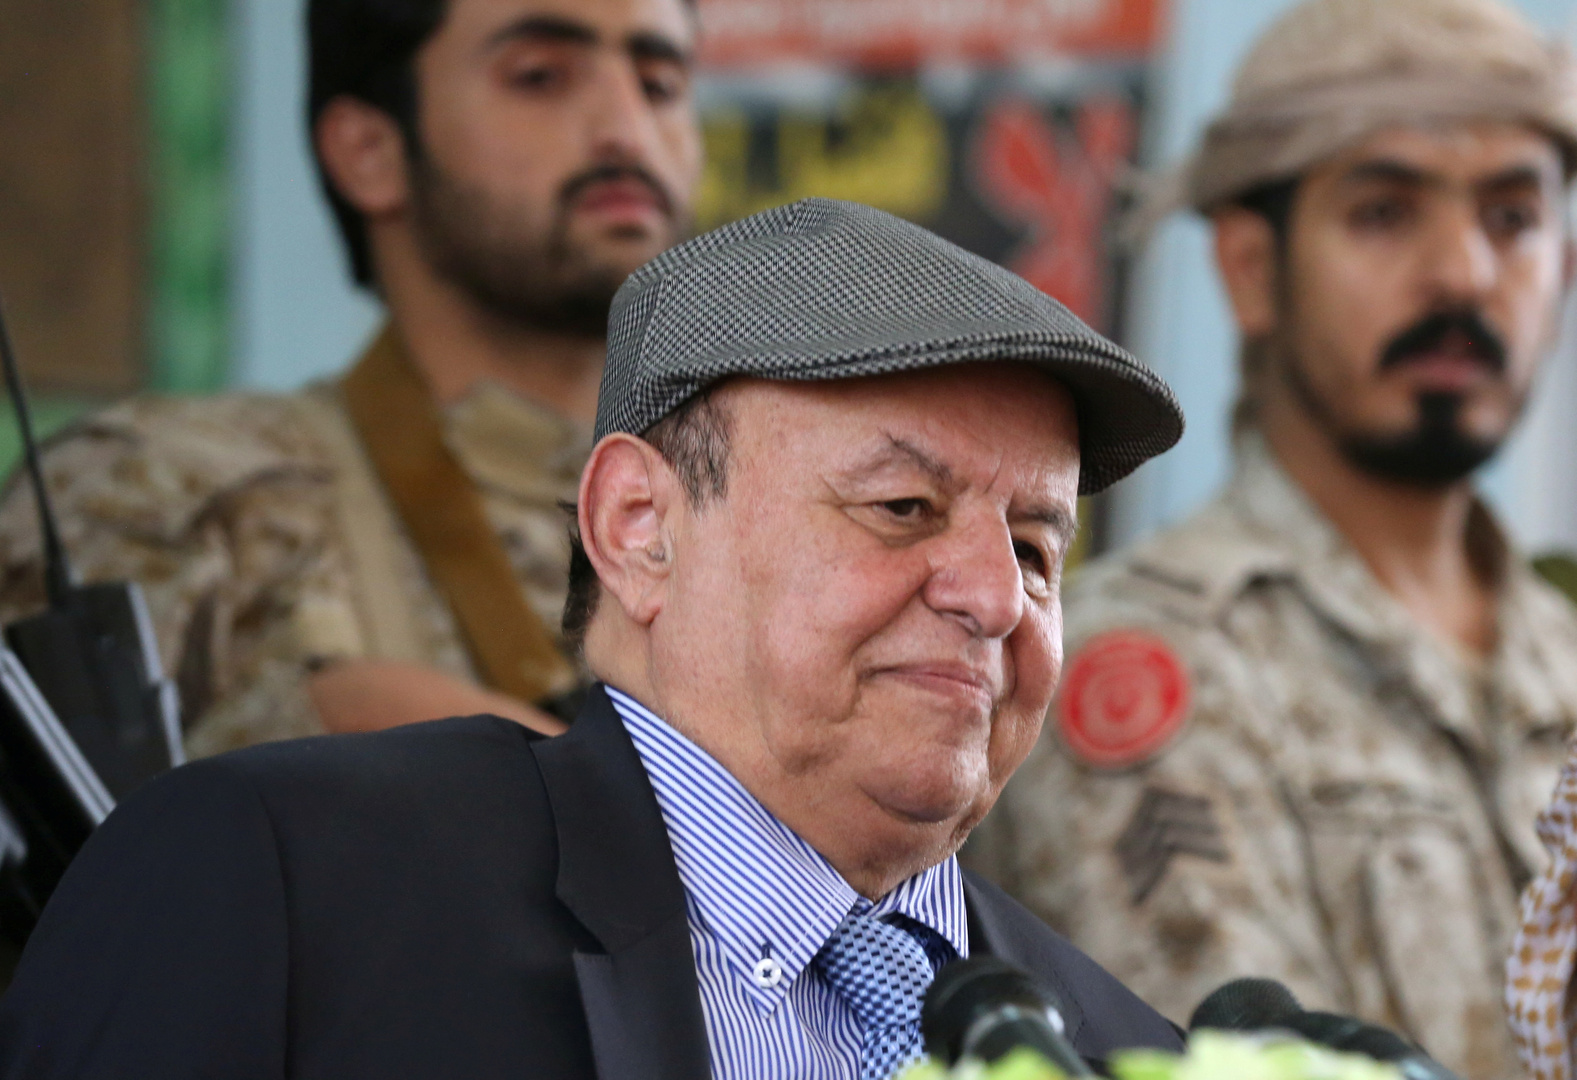 الرئيس اليمني: حريصون على السلام المستدام بعيدا عن الحلول الترقيعية وترحيل الأزمات